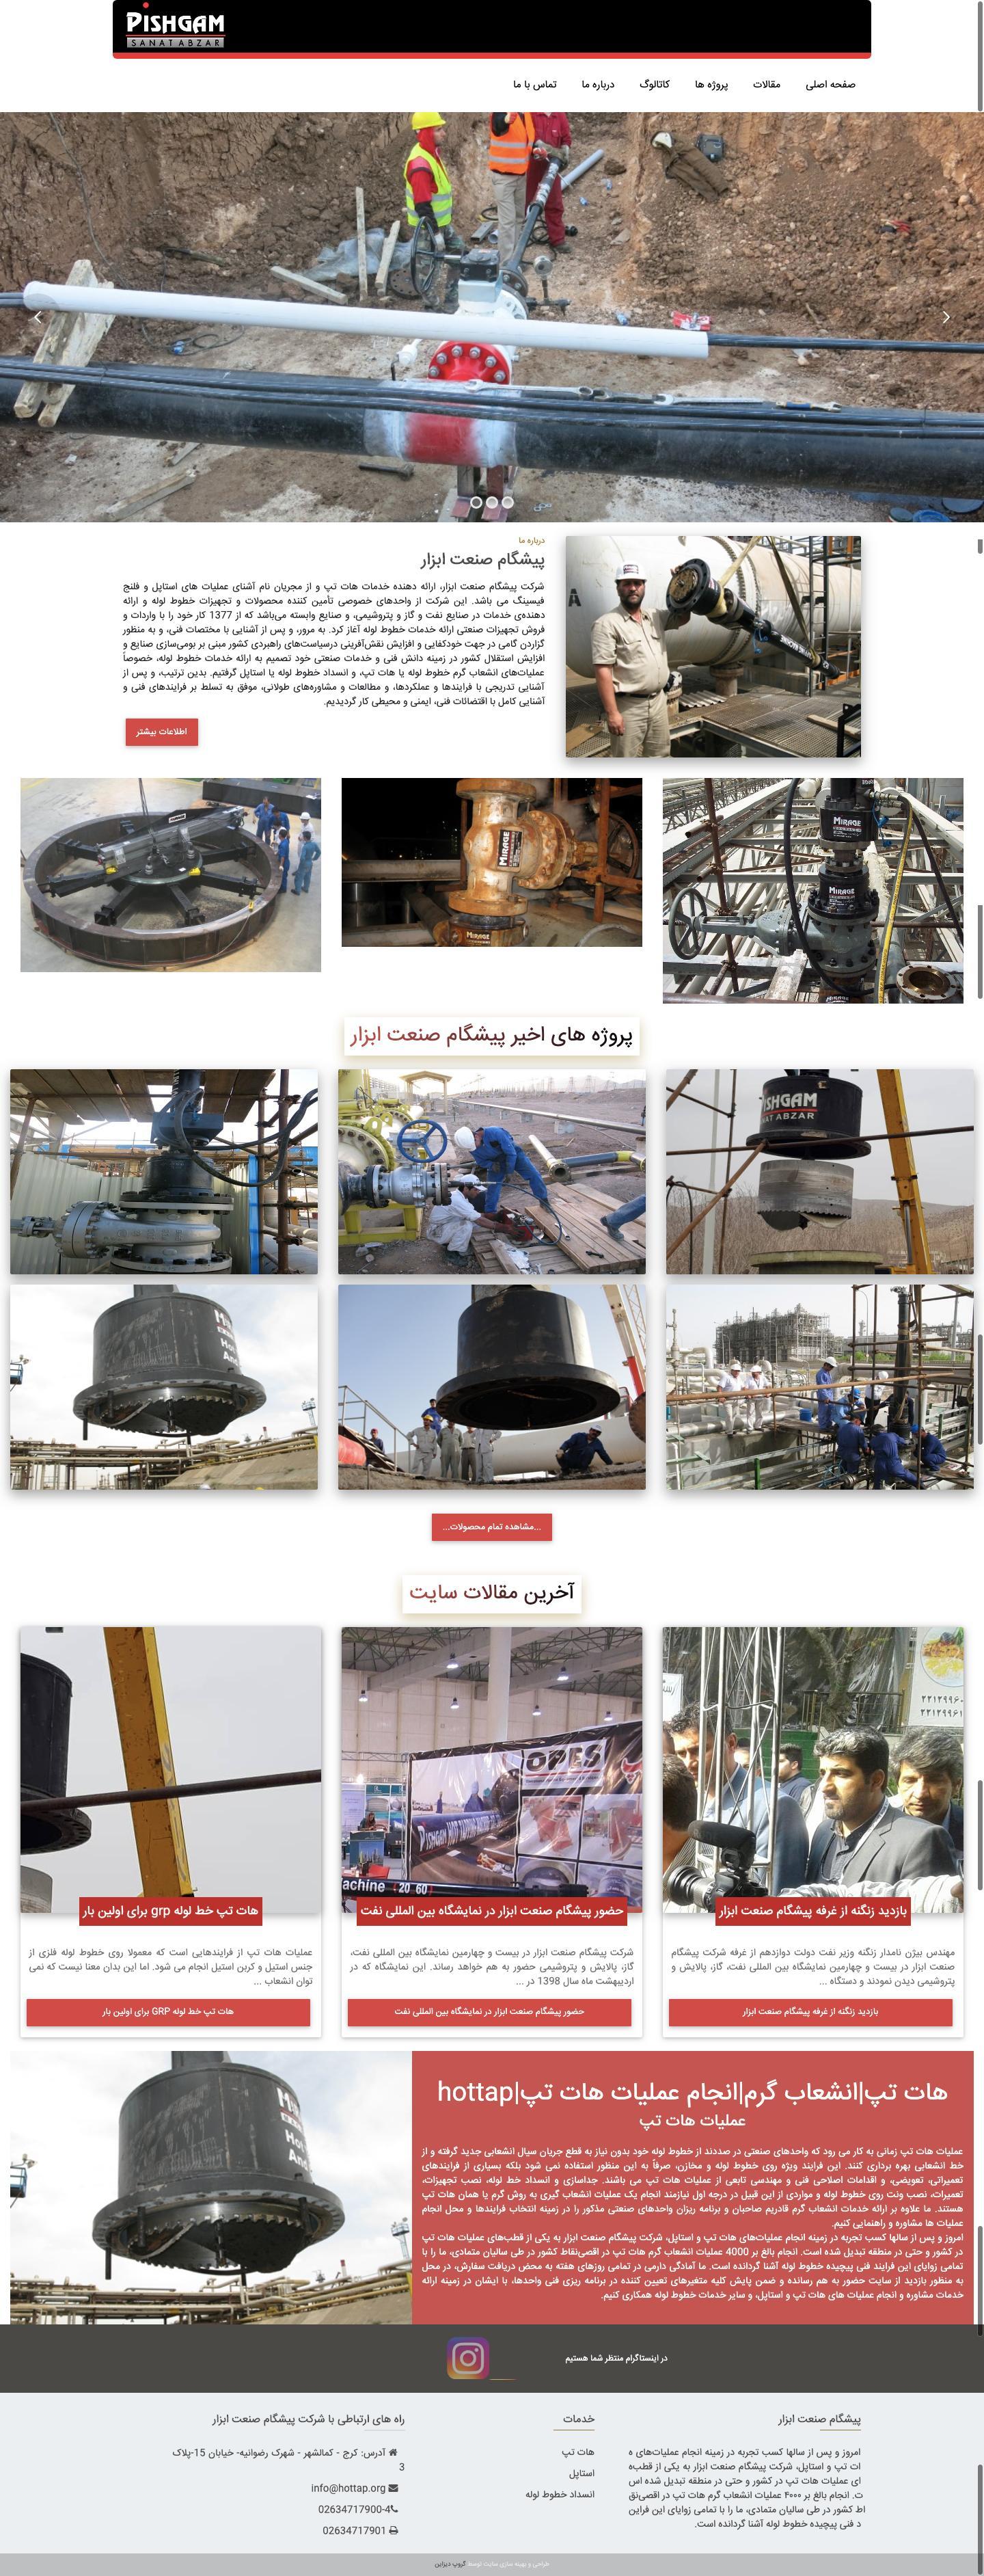 طراحی سایت هات تپ اورگ ورژن ۲